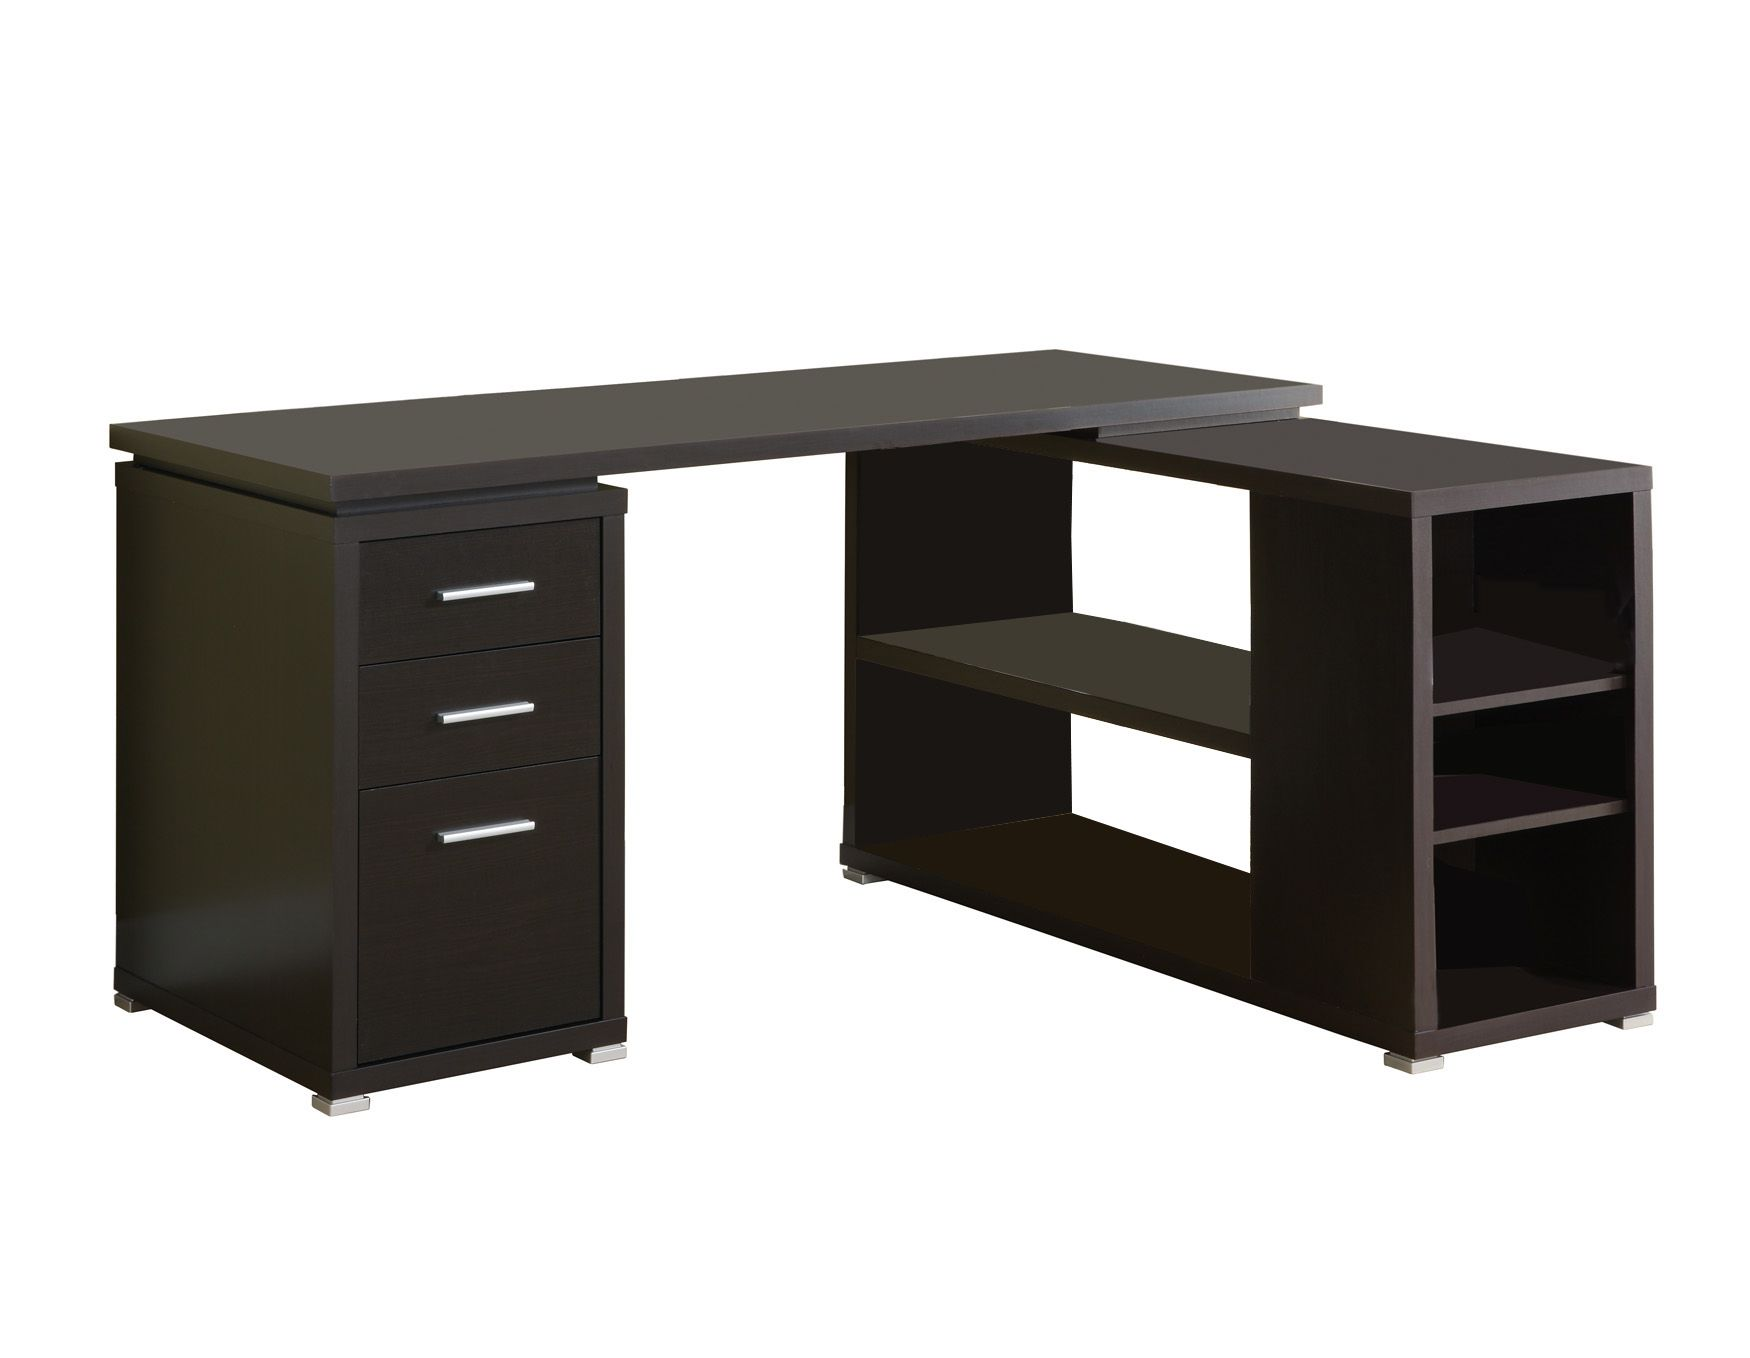 monarch cappuccino hollow core corner desk office furniture